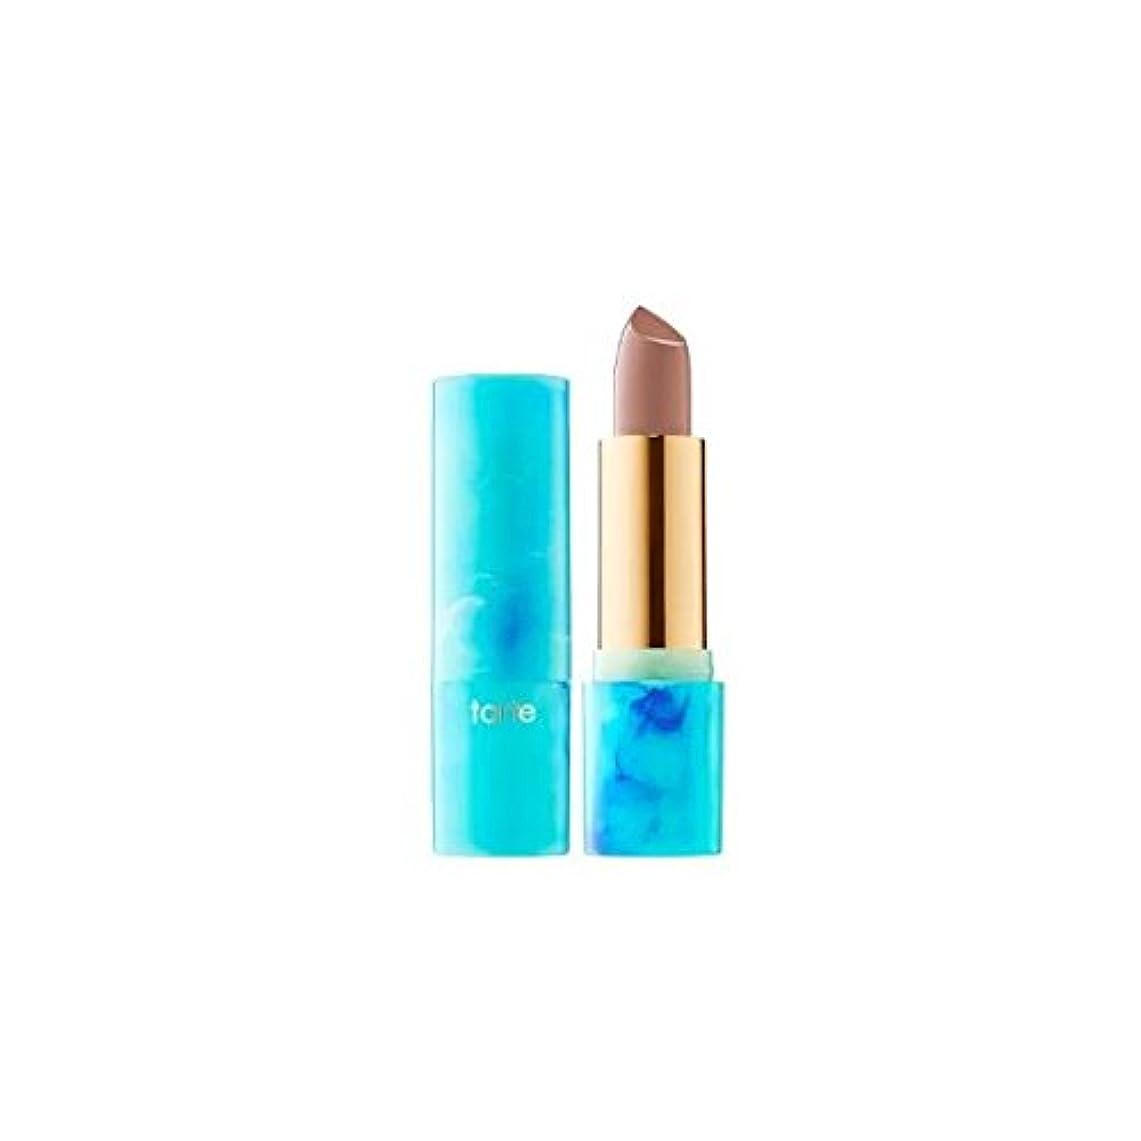 失マラウイ秘書tarteタルト リップ Color Splash Lipstick - Rainforest of the Sea Collection Satin finish